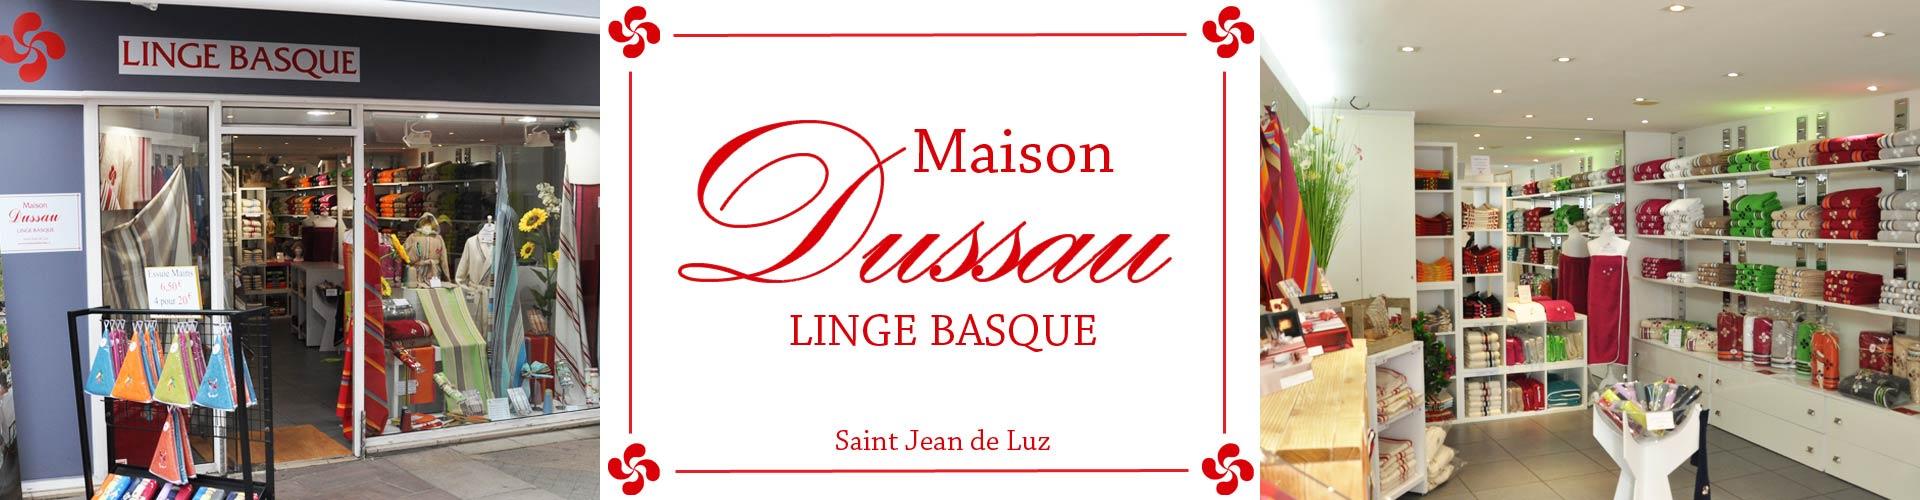 accueil-maison-dussau-linge-basque-saint-jean-de-luz